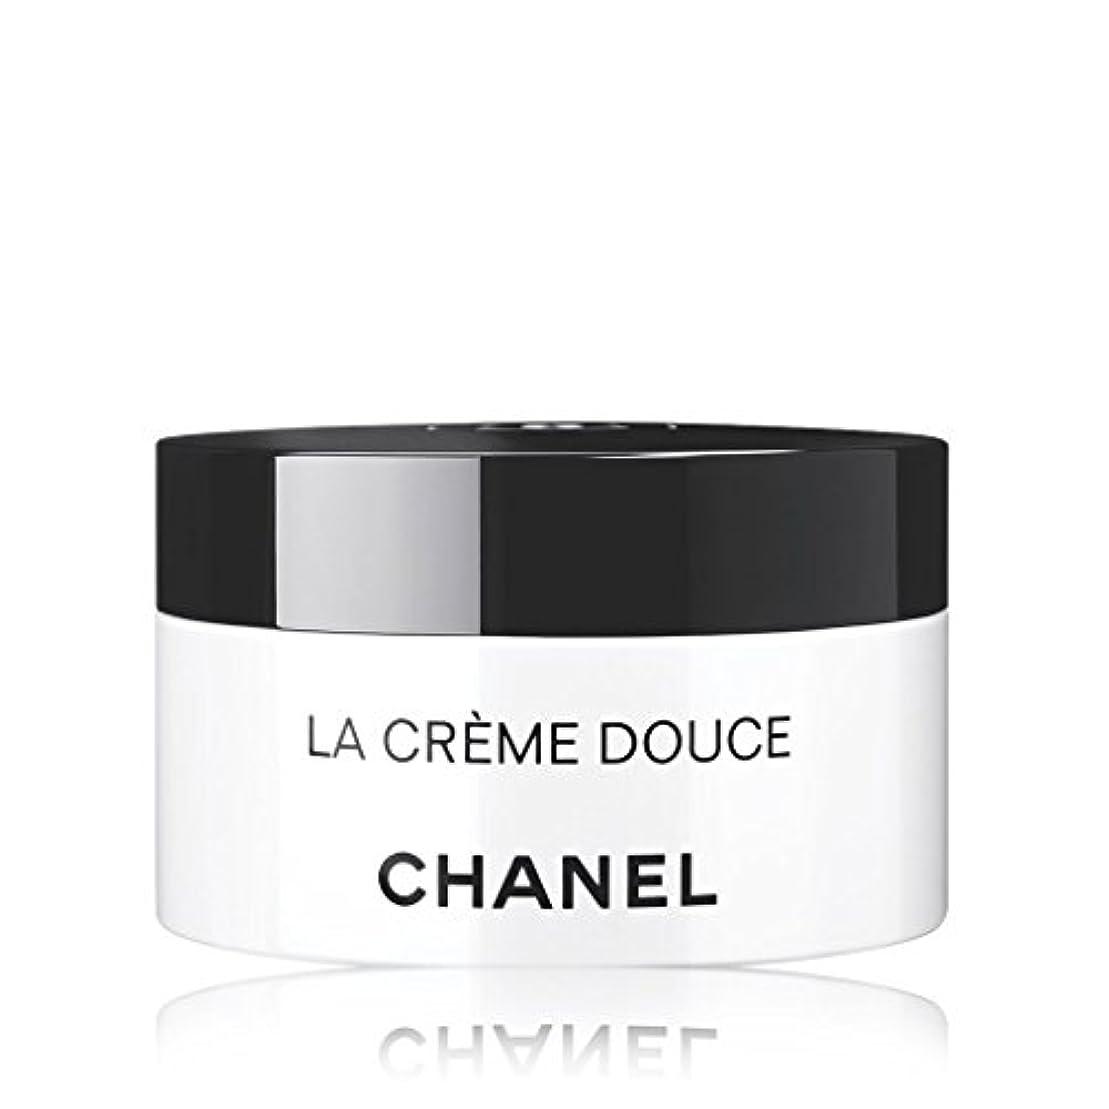 【シャネル(CHANEL)】【新商品】【正規品】ラ クレーム ドゥース( LA CREME)_ 50g (シャネルロゴ入りメッセージカード&紙袋&リボン3点セット付き)